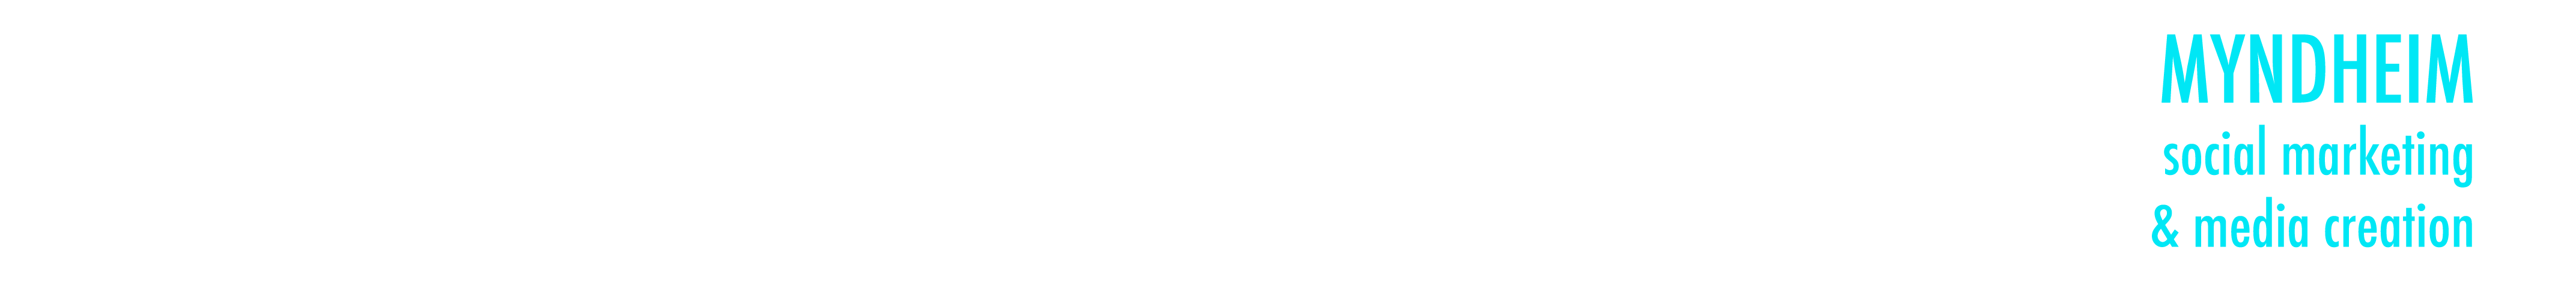 Myndheim